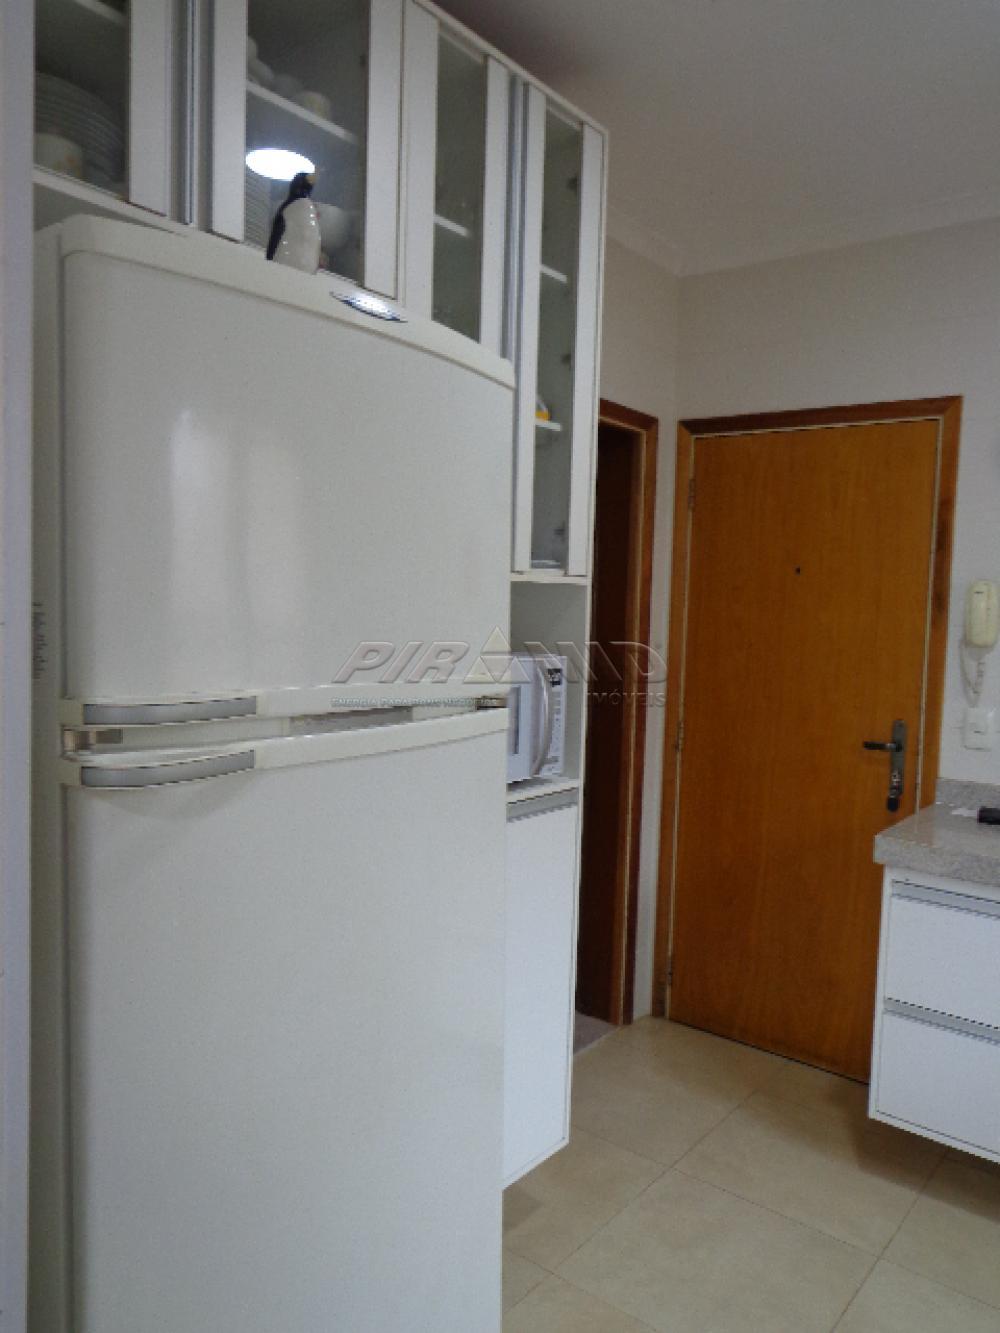 Comprar Apartamento / Padrão em Ribeirão Preto apenas R$ 450.000,00 - Foto 9